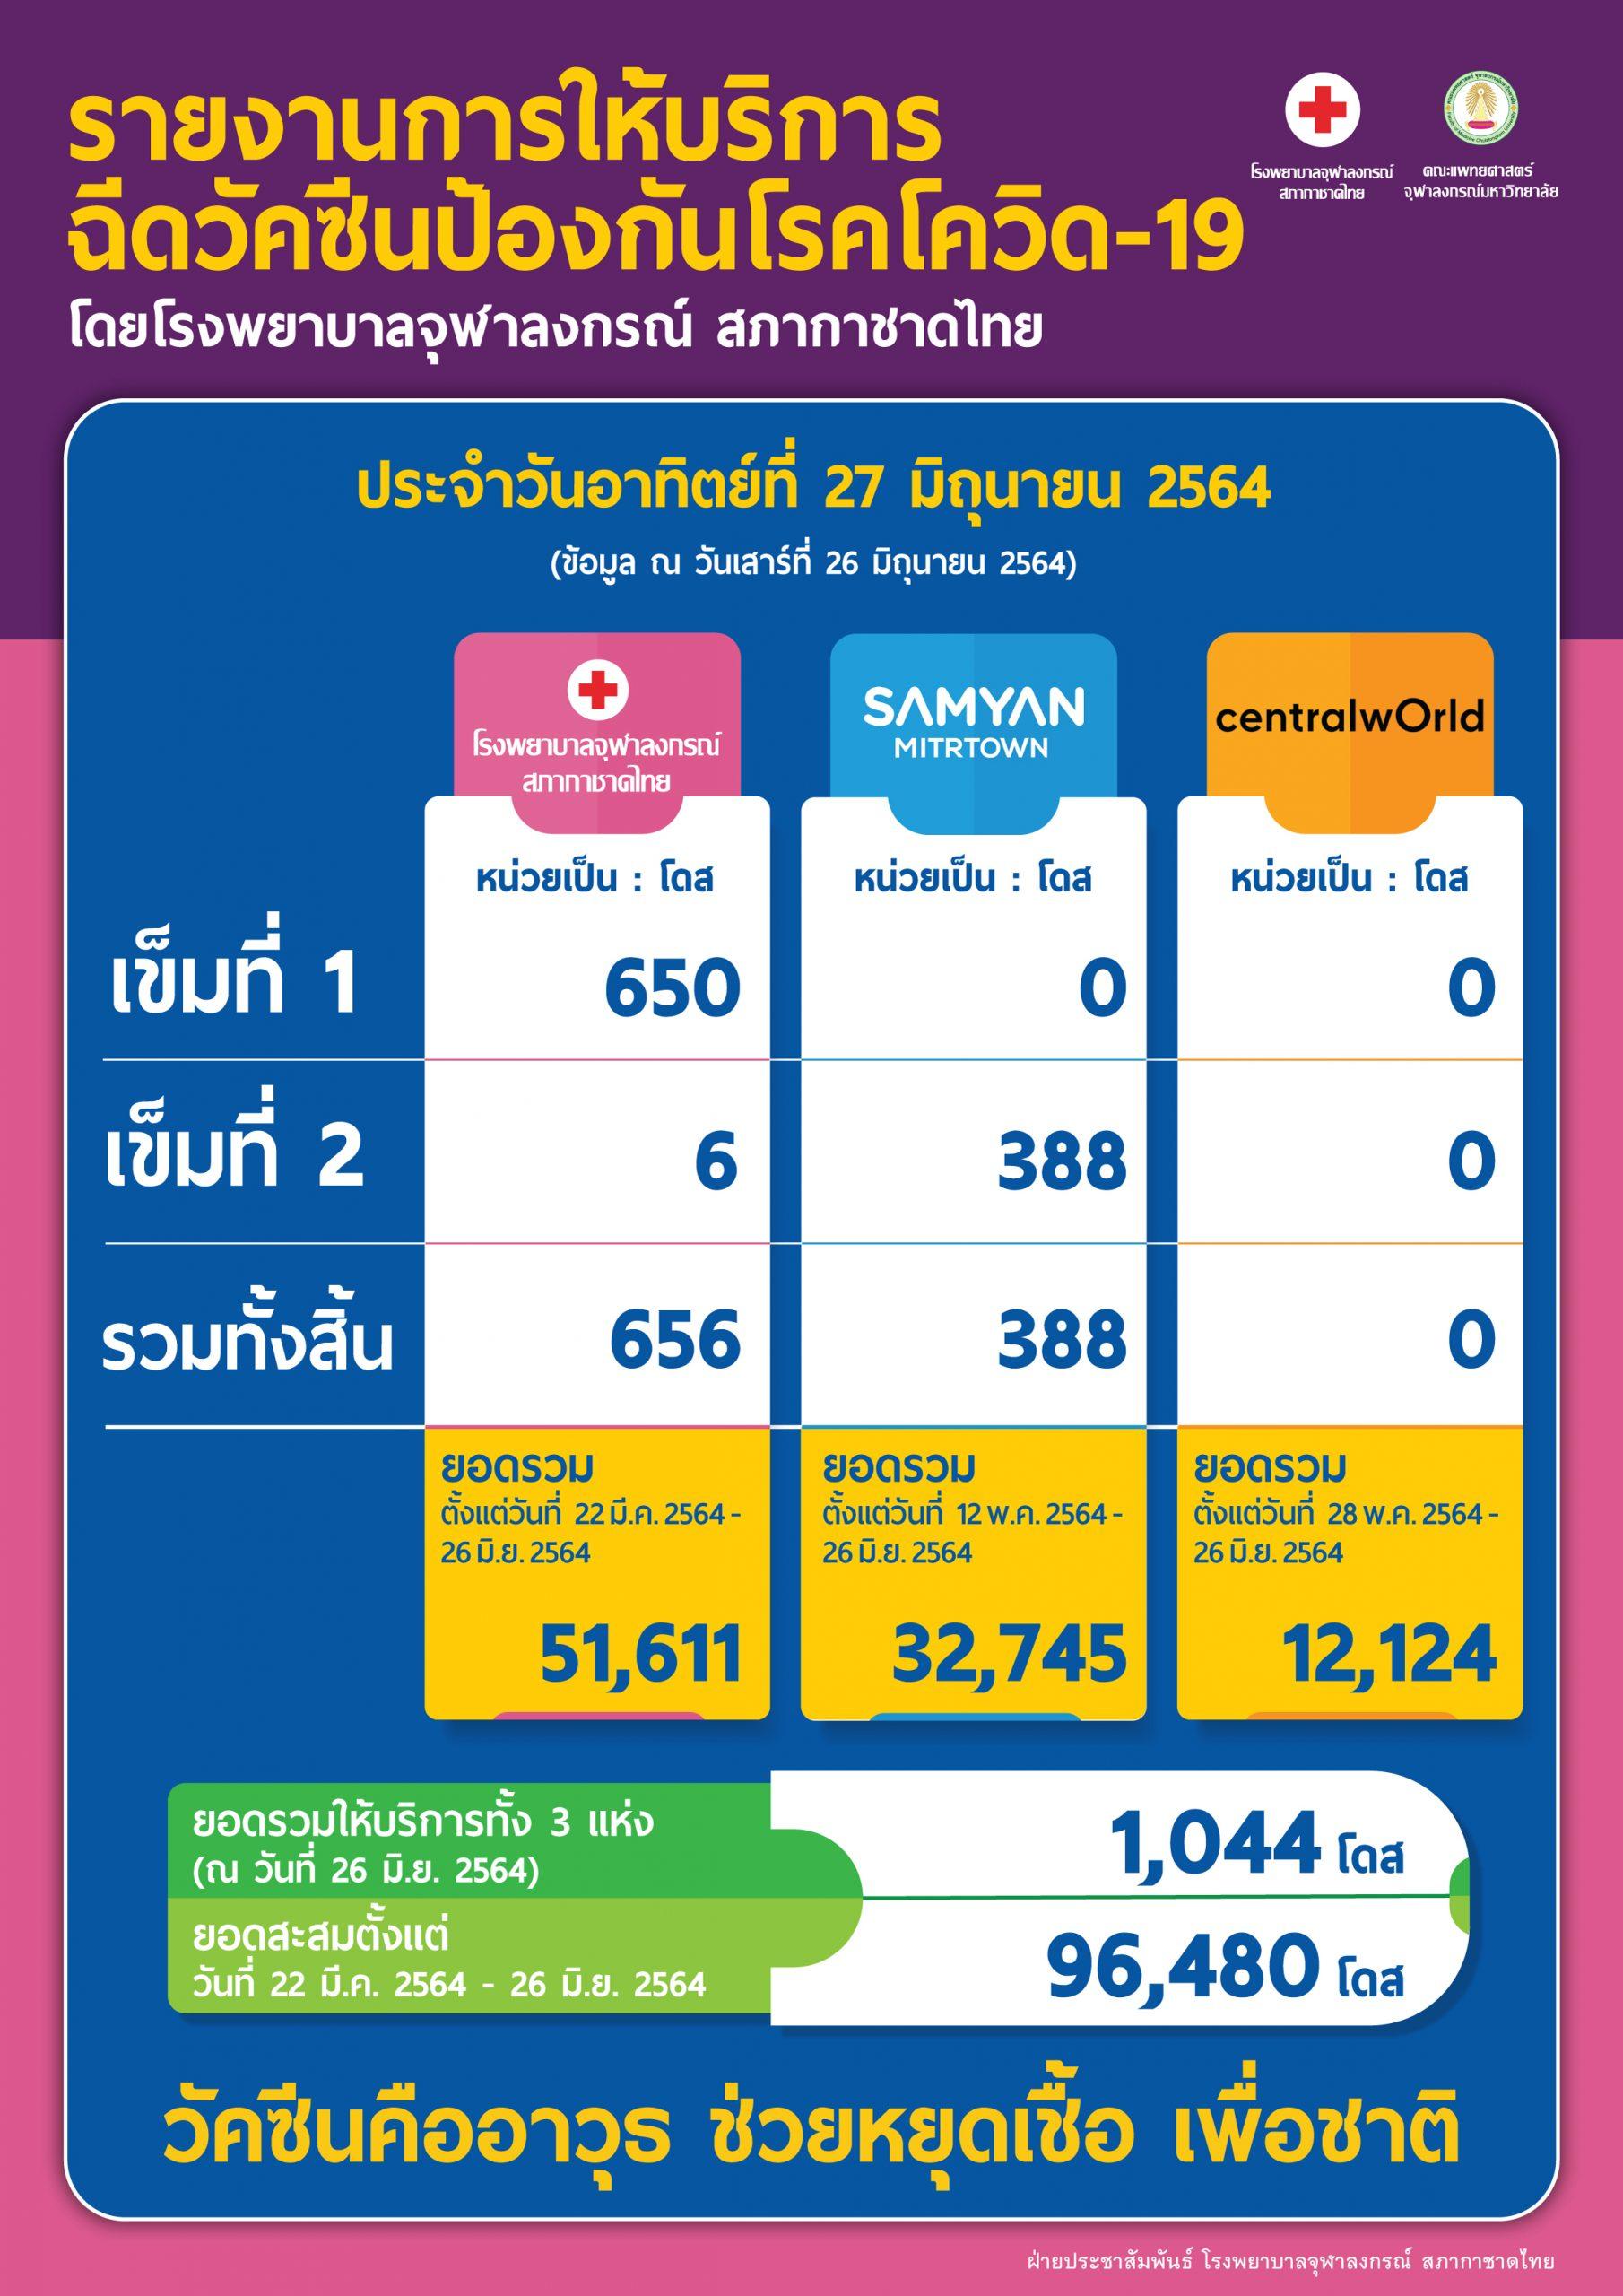 รายงานการให้บริการ ฉีดวัคซีนป้องกันโรคโควิด-19 โดยโรงพยาบาลจุฬาลงกรณ์ สภากาชาดไทย ประจำวันอาทิตย์ที่ 27 มิถุนายน 2564